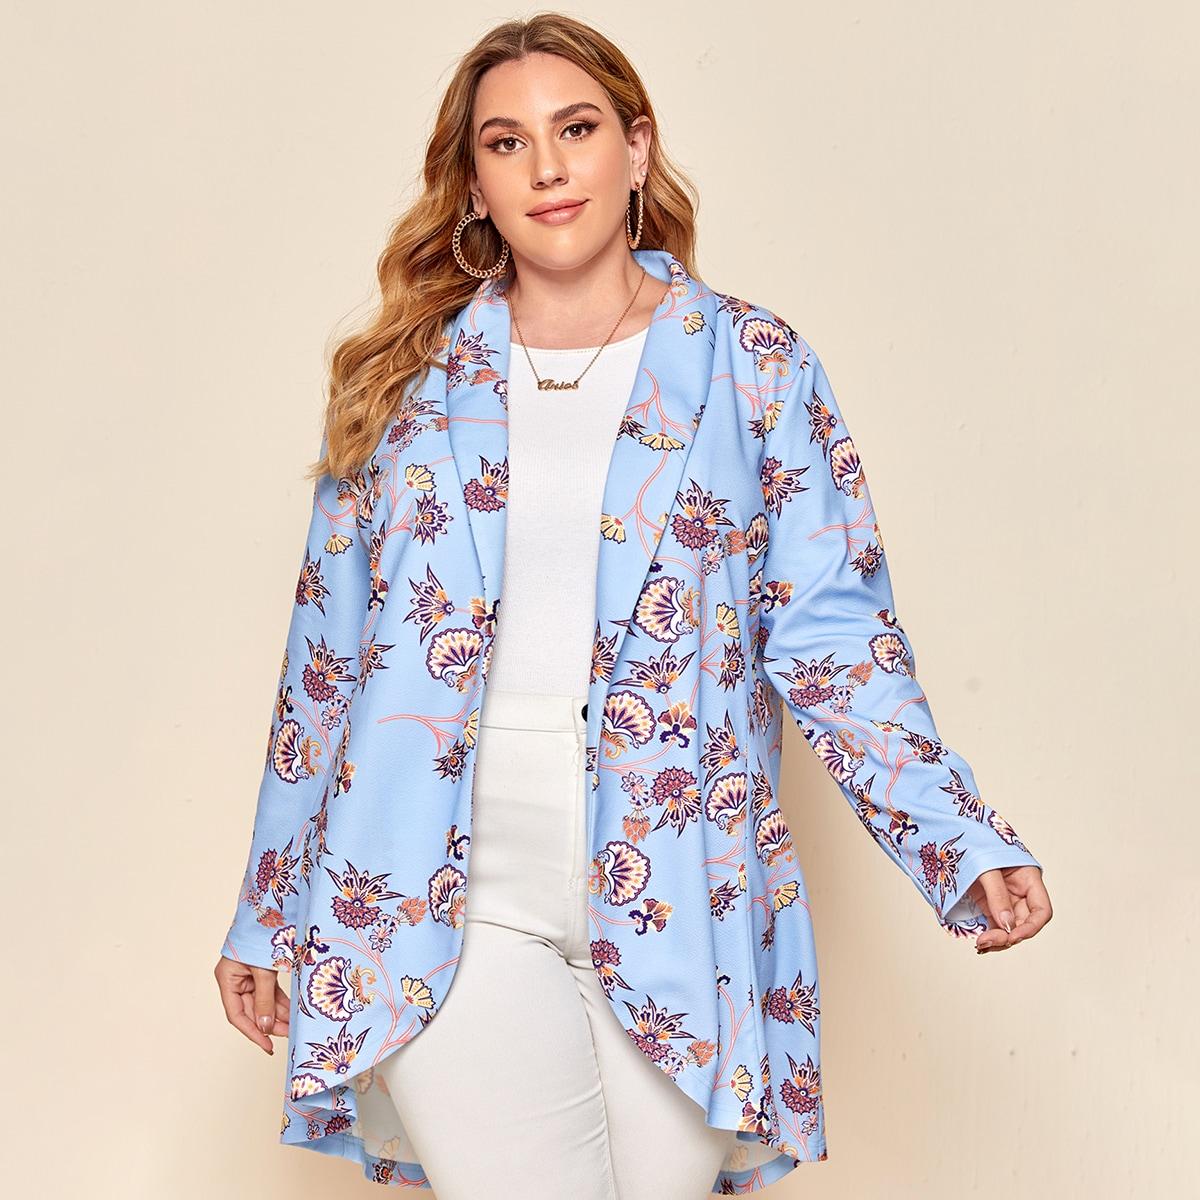 Высокая низкая со цветочками элегантный плюс размеры пальто